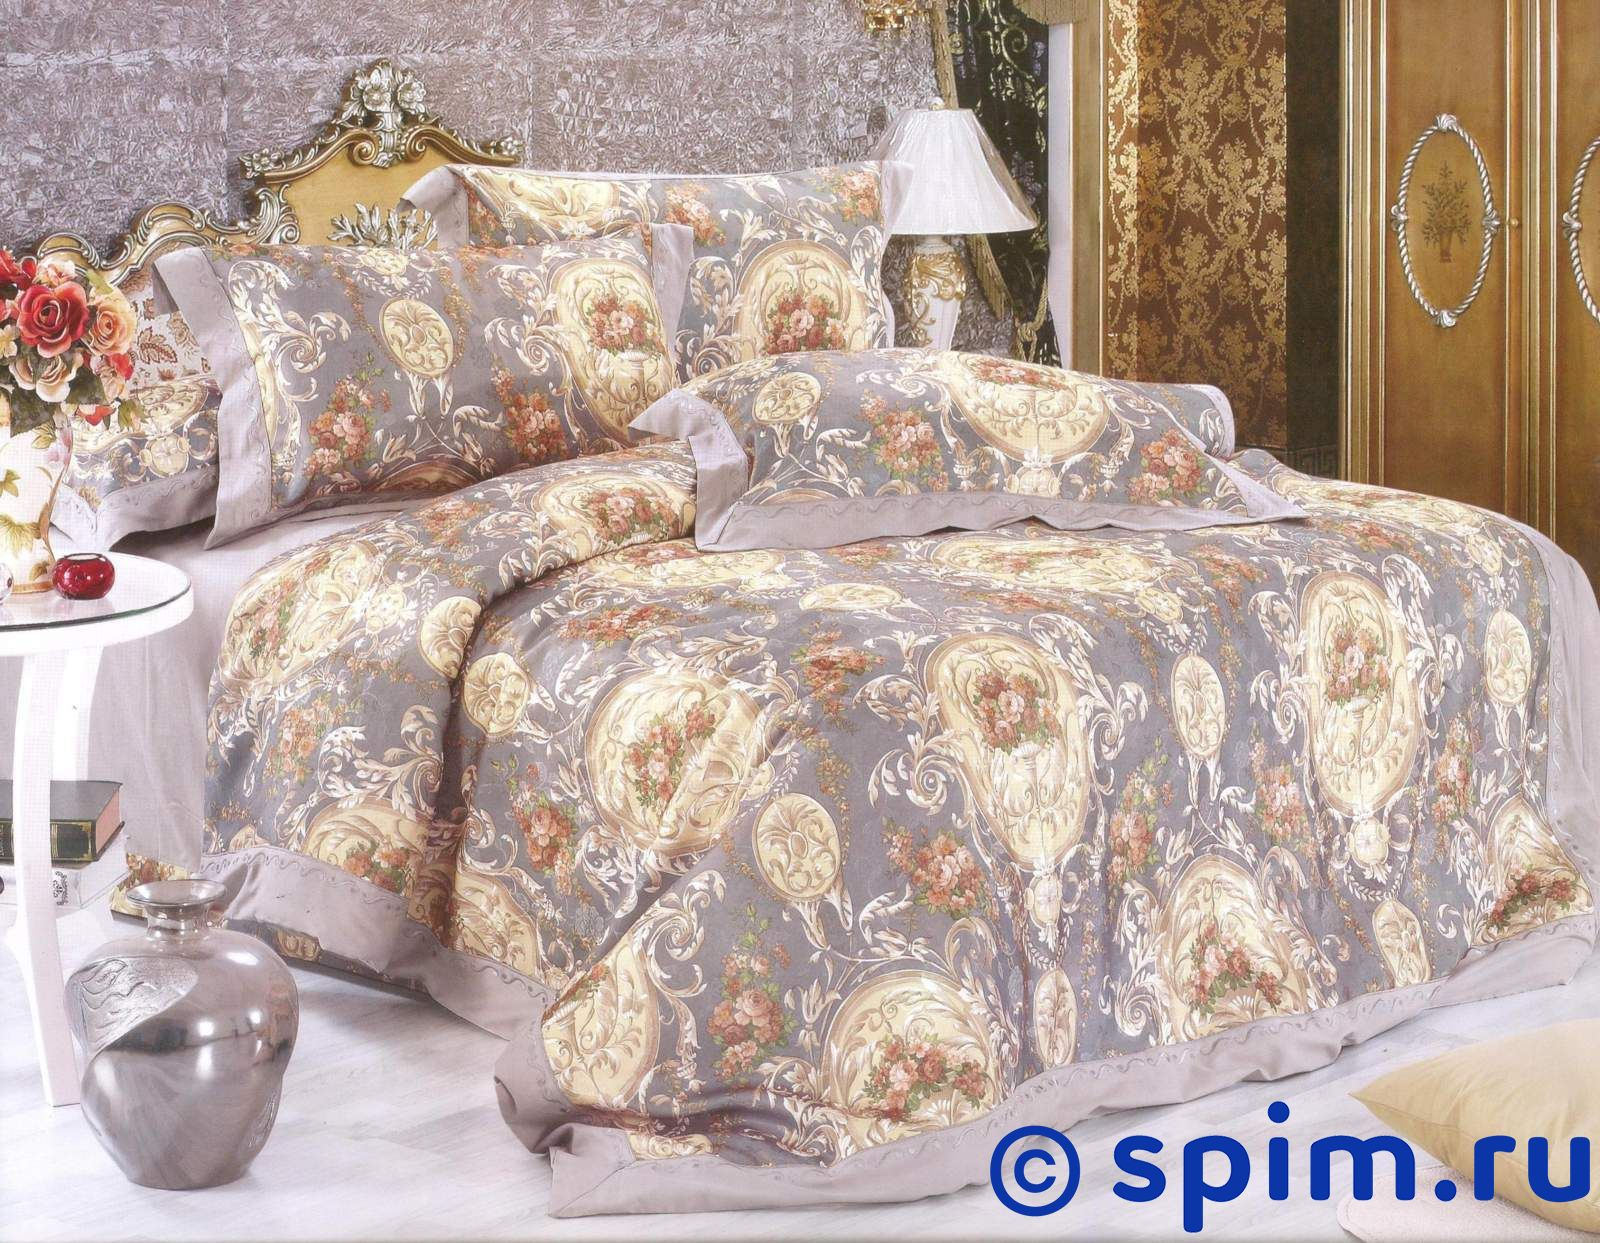 Комплект СайлиД D152 (1) 2 спальное